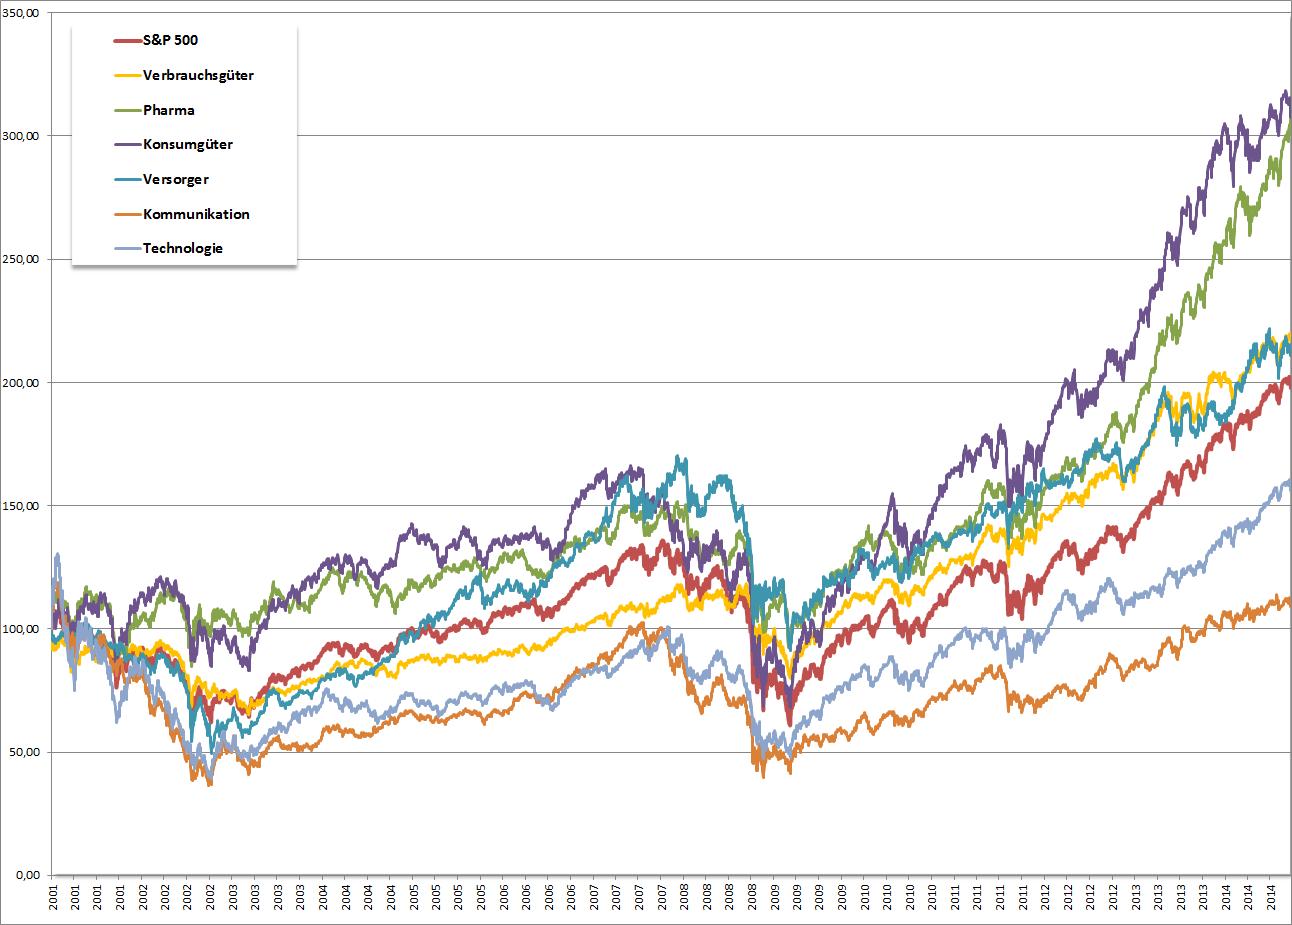 Die Entwicklung der einzelnen Branchen im Chart